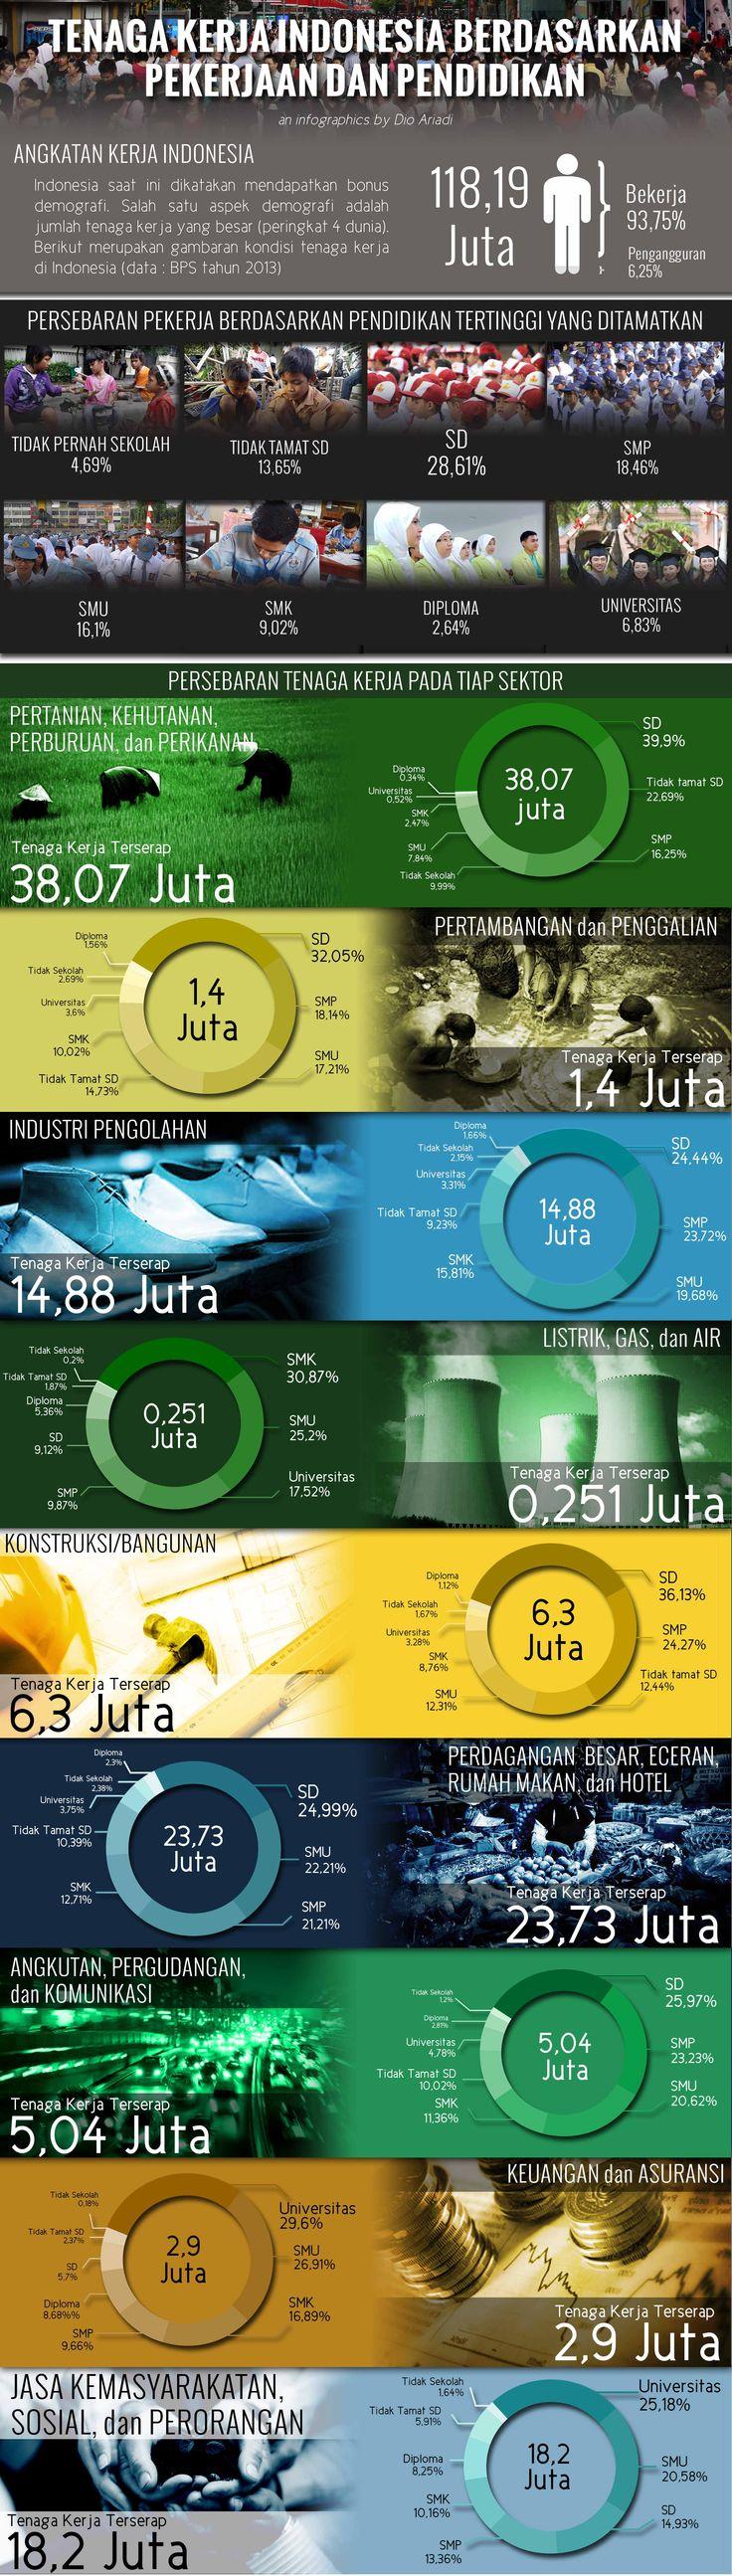 Sebuah infografis mengenai ketenaga kerjaan di Indonesia